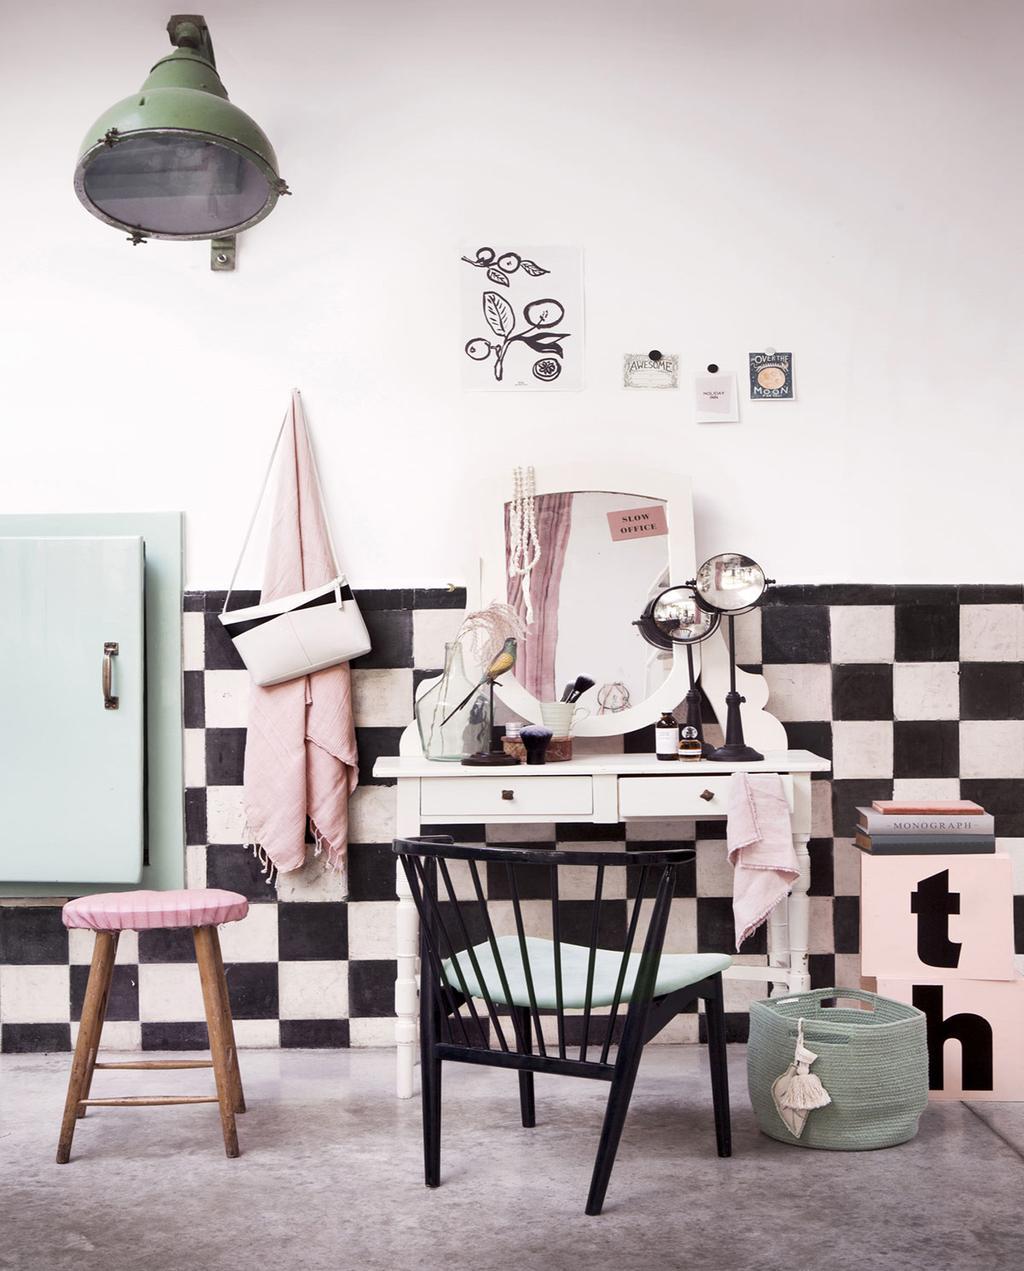 vtwonen 09-2018 | Tienerkamer met vintage kaptafel, lambrisering met zwart-wit tegel muur